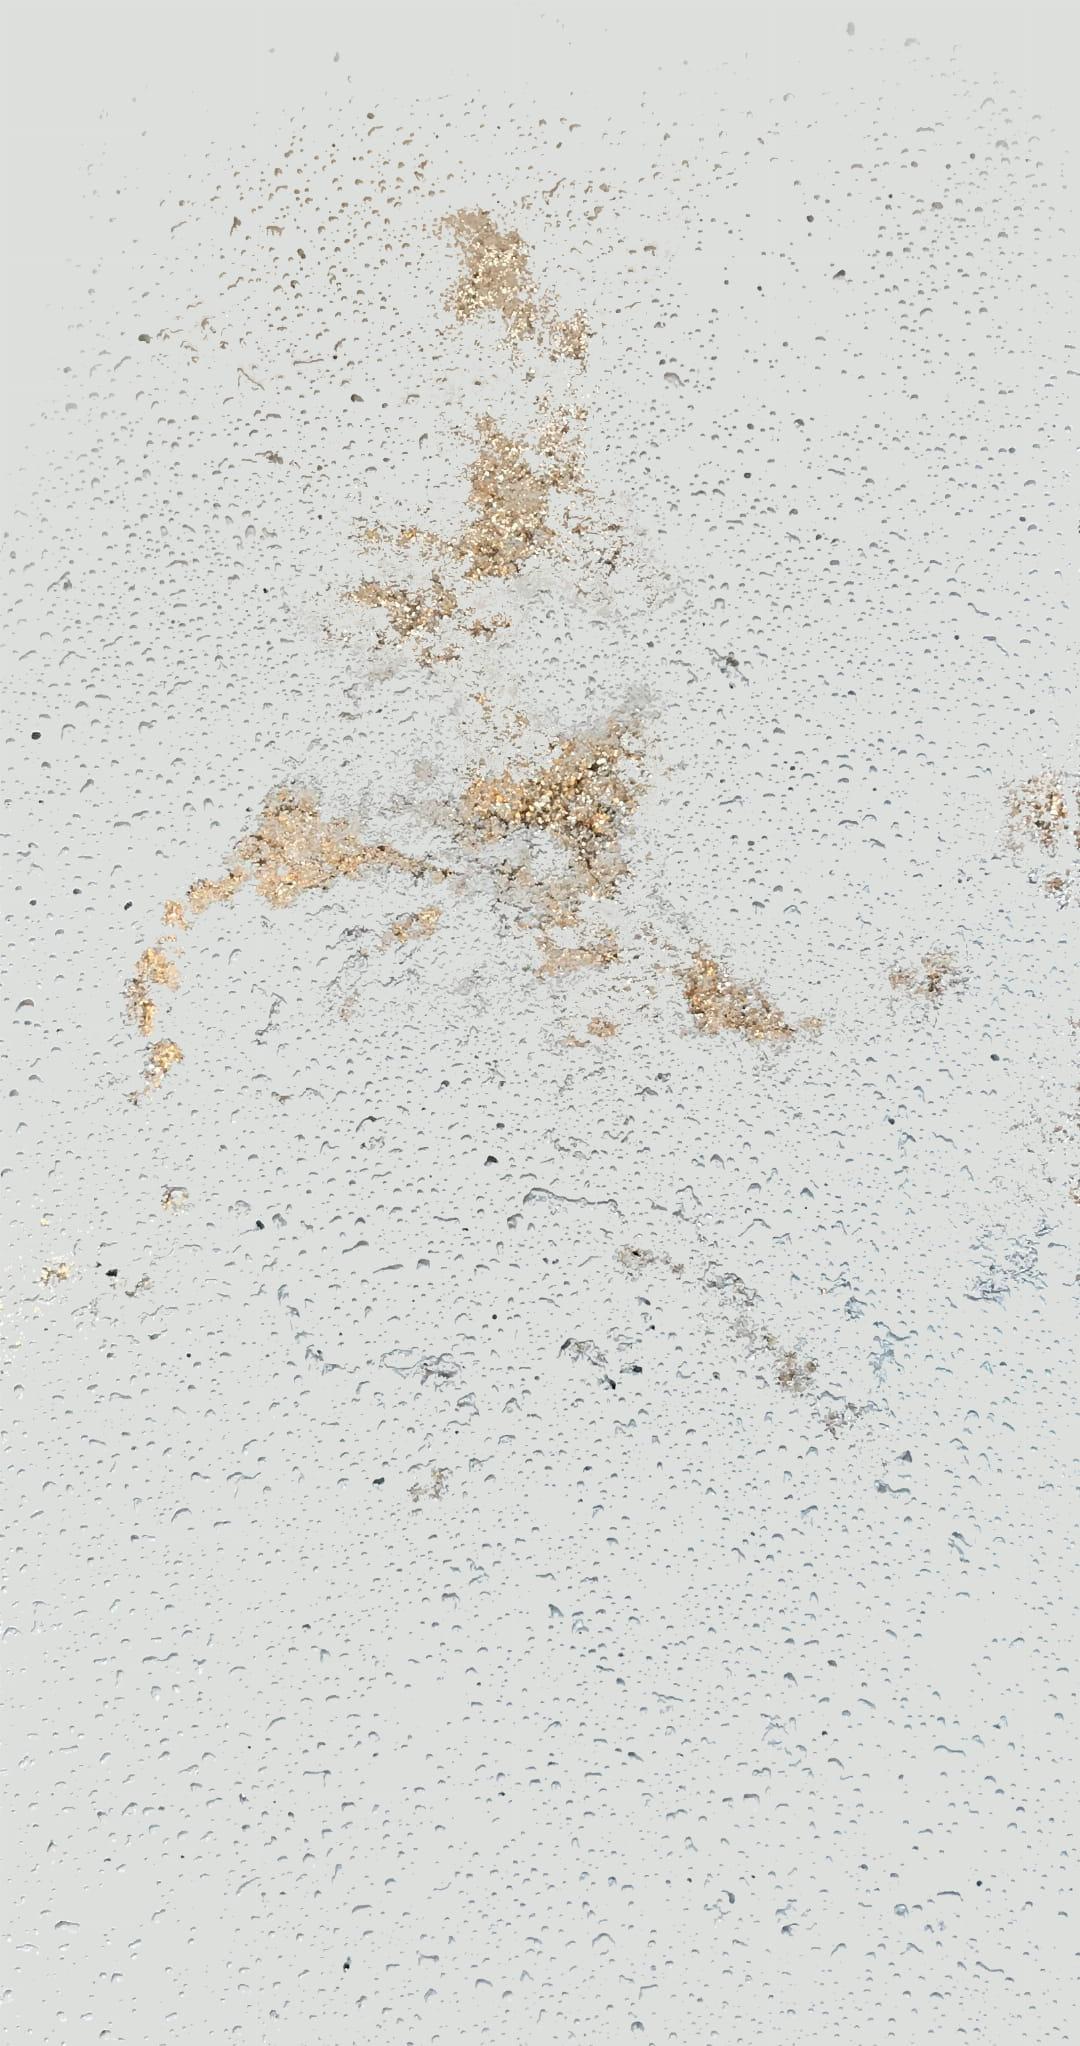 Płyta Betonowa Ds Ultra Lekka 100x50x1 Cm Porowata Biała Z Kruszywem Gold